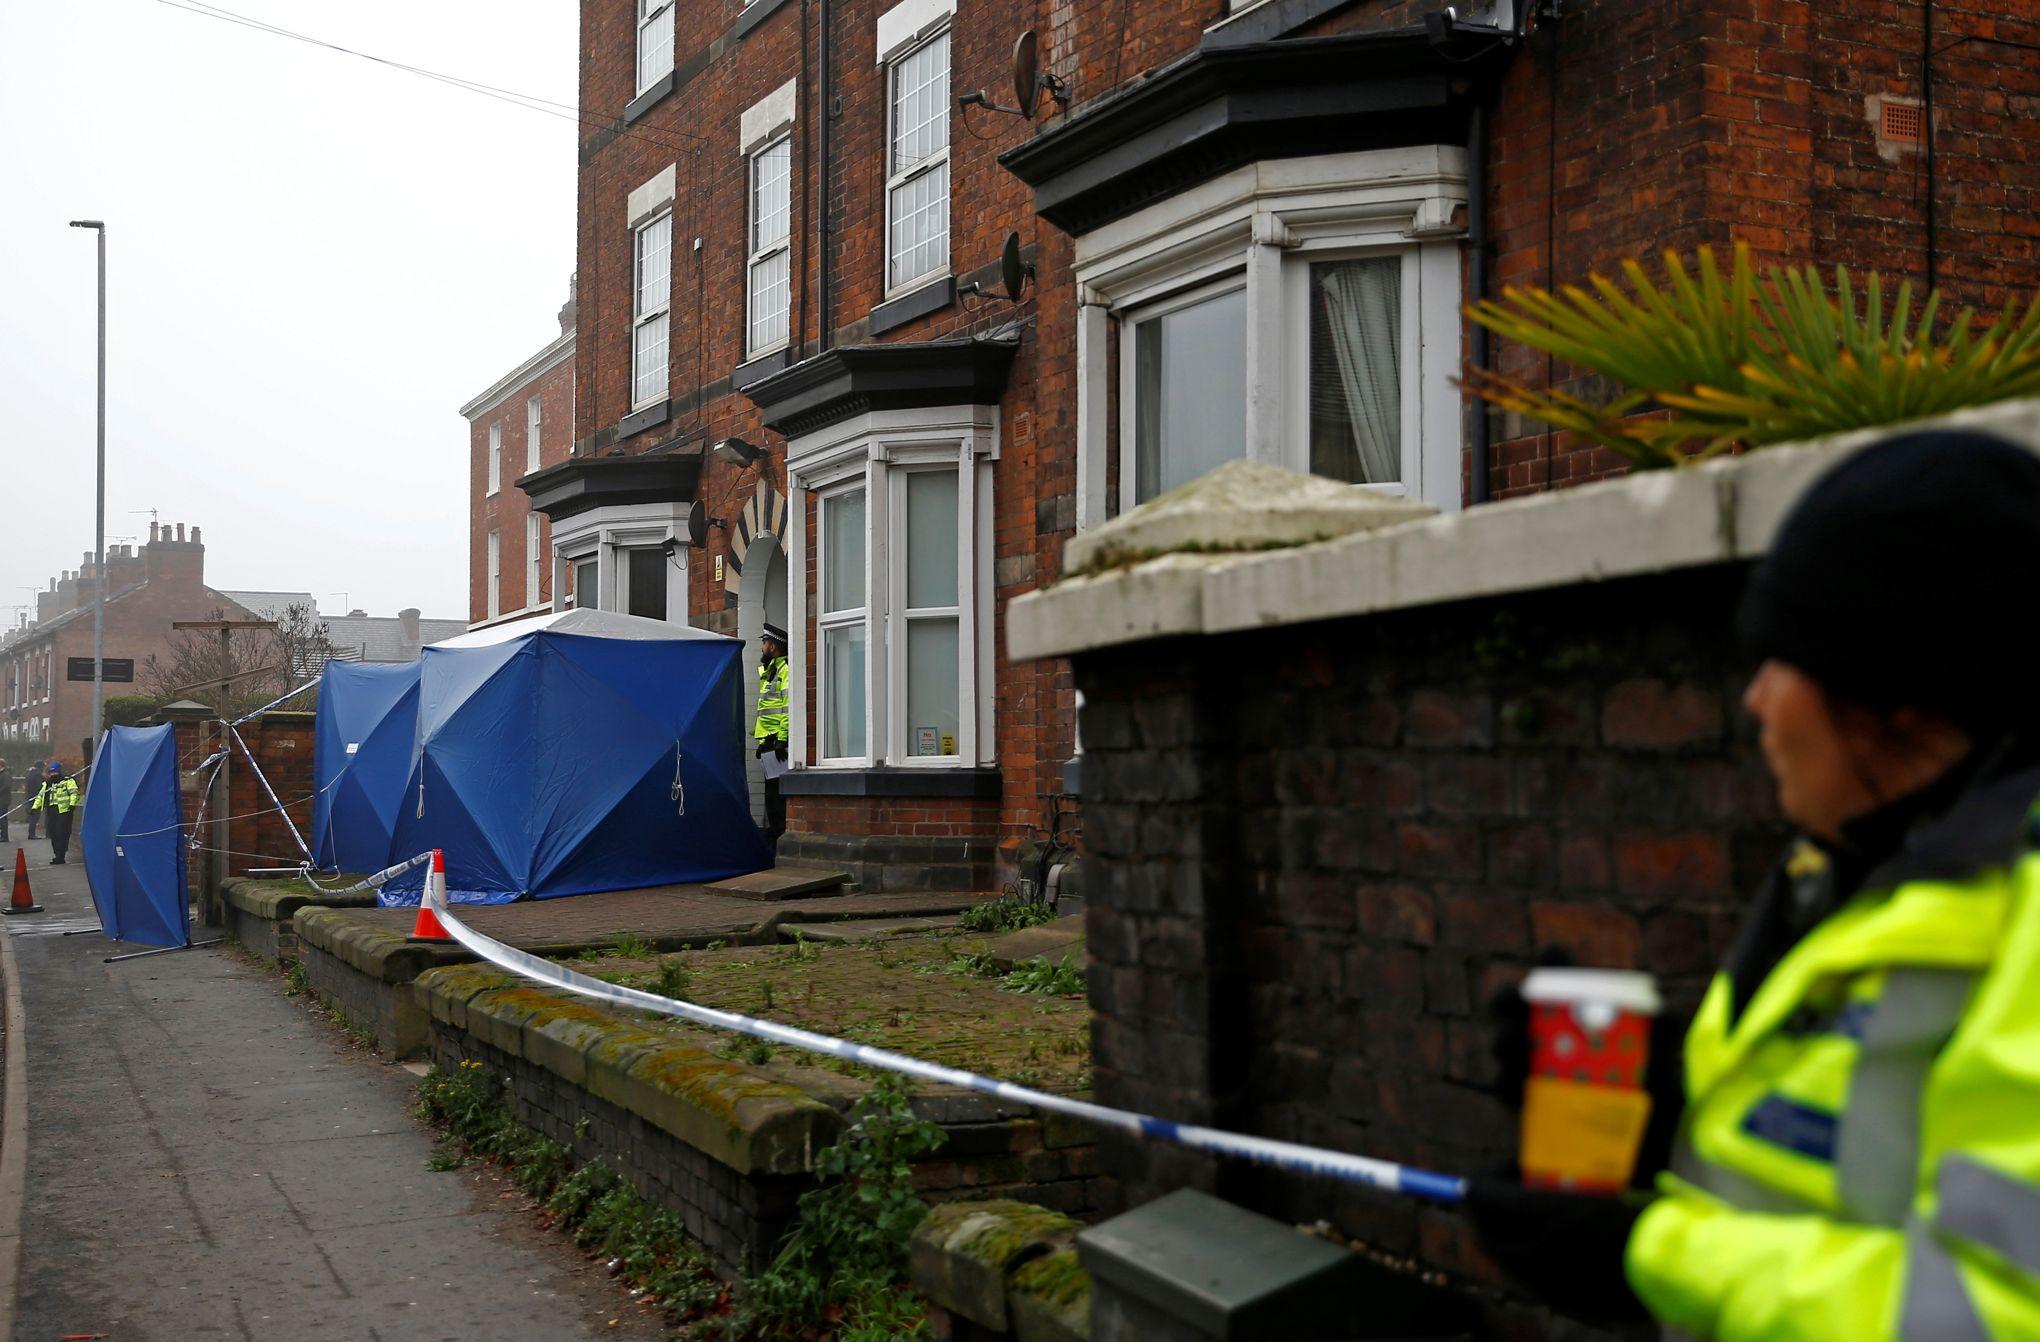 Attaque à Londres: questions autour du tueur Usman Khan, un islamiste bien identifié